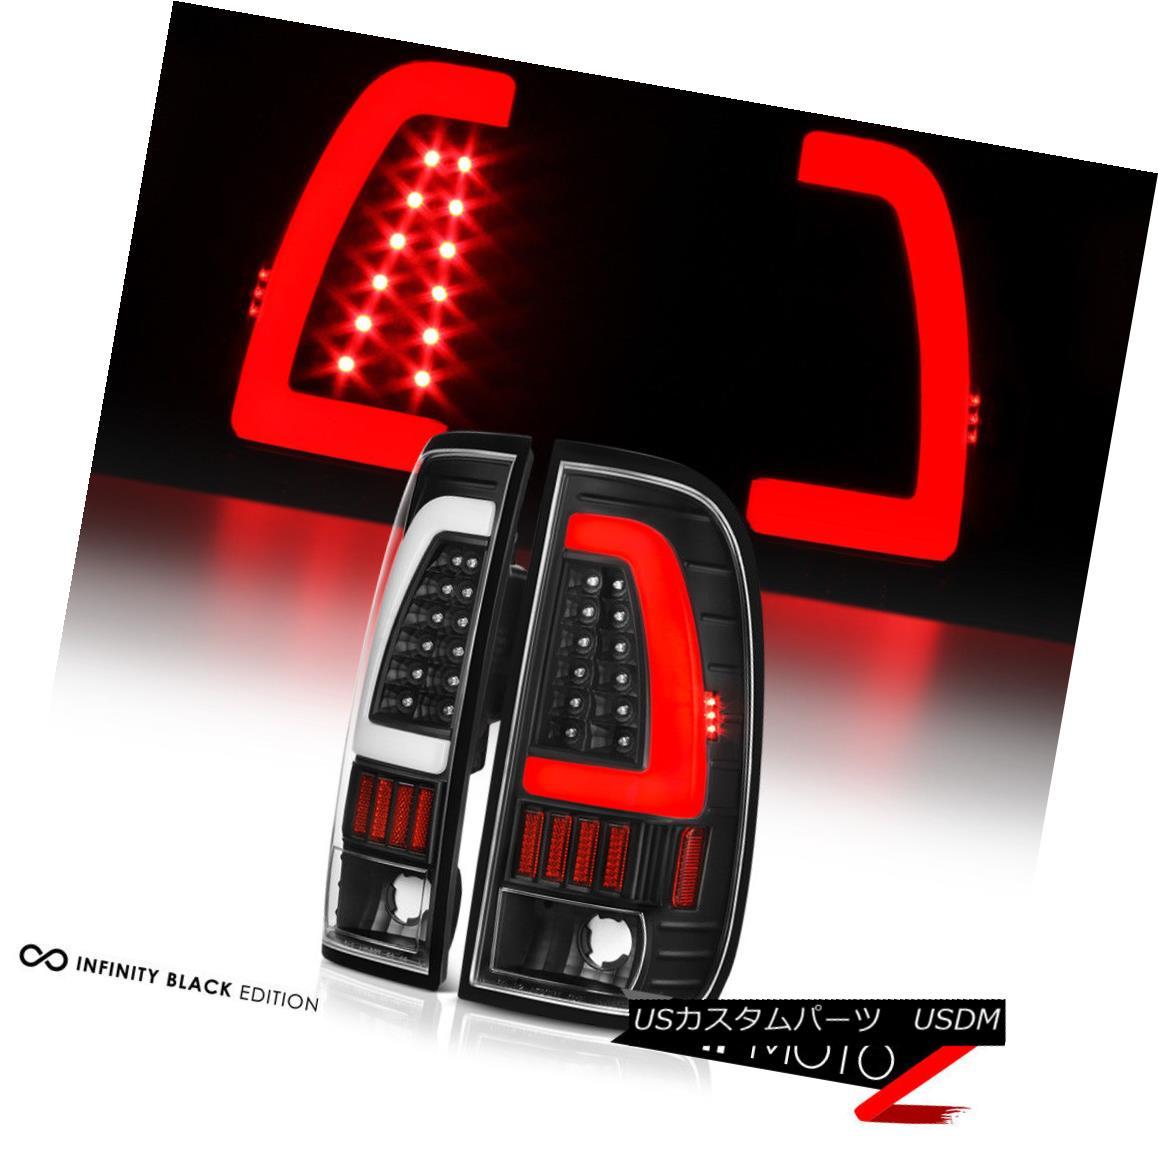 テールライト [NEWEST FiBeR OpTiC] 1997-2003 Ford F150 F250 Superduty Black LED Tail Lights [最新のFiBeR OpTiC] 1997-2003フォードF150 F250スーパーライトブラックLEDテールライト